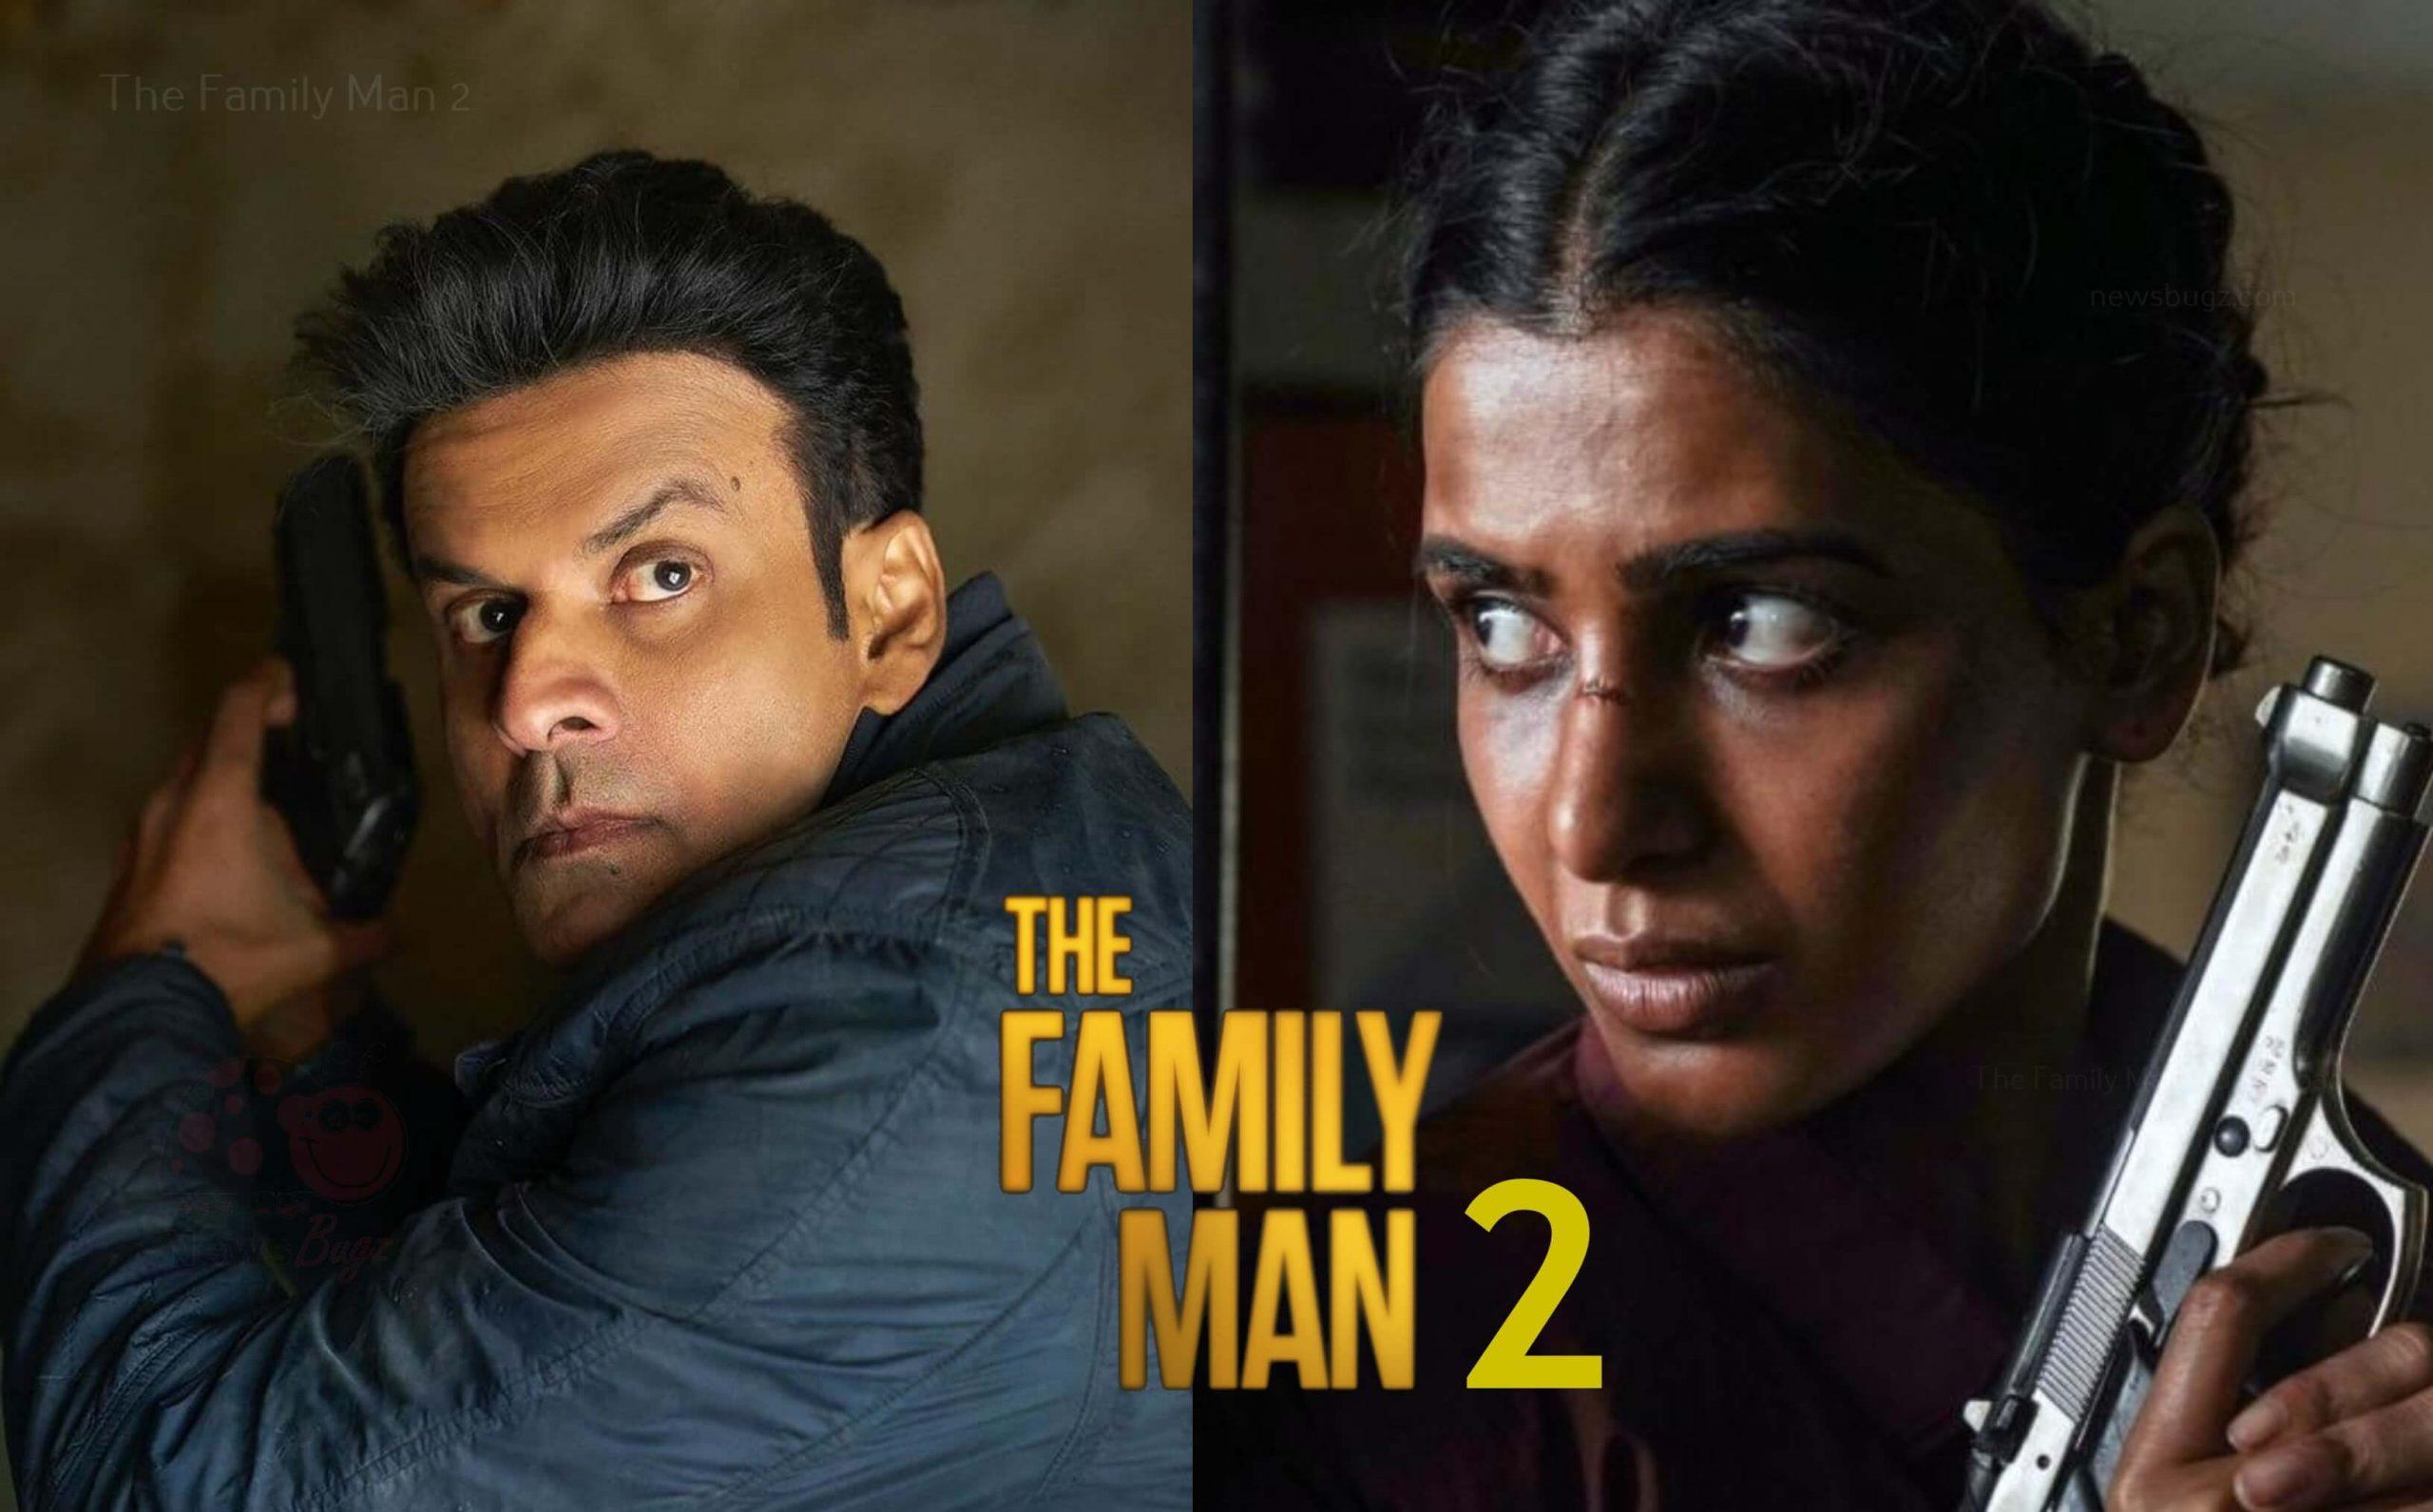 Family Man Season 2 Download Telegram Link, Family Man Season 2 Download torrent Link, The Family Man 2 Leaked Online, The Family Man Season 2 HD quality 480p 360p 720p